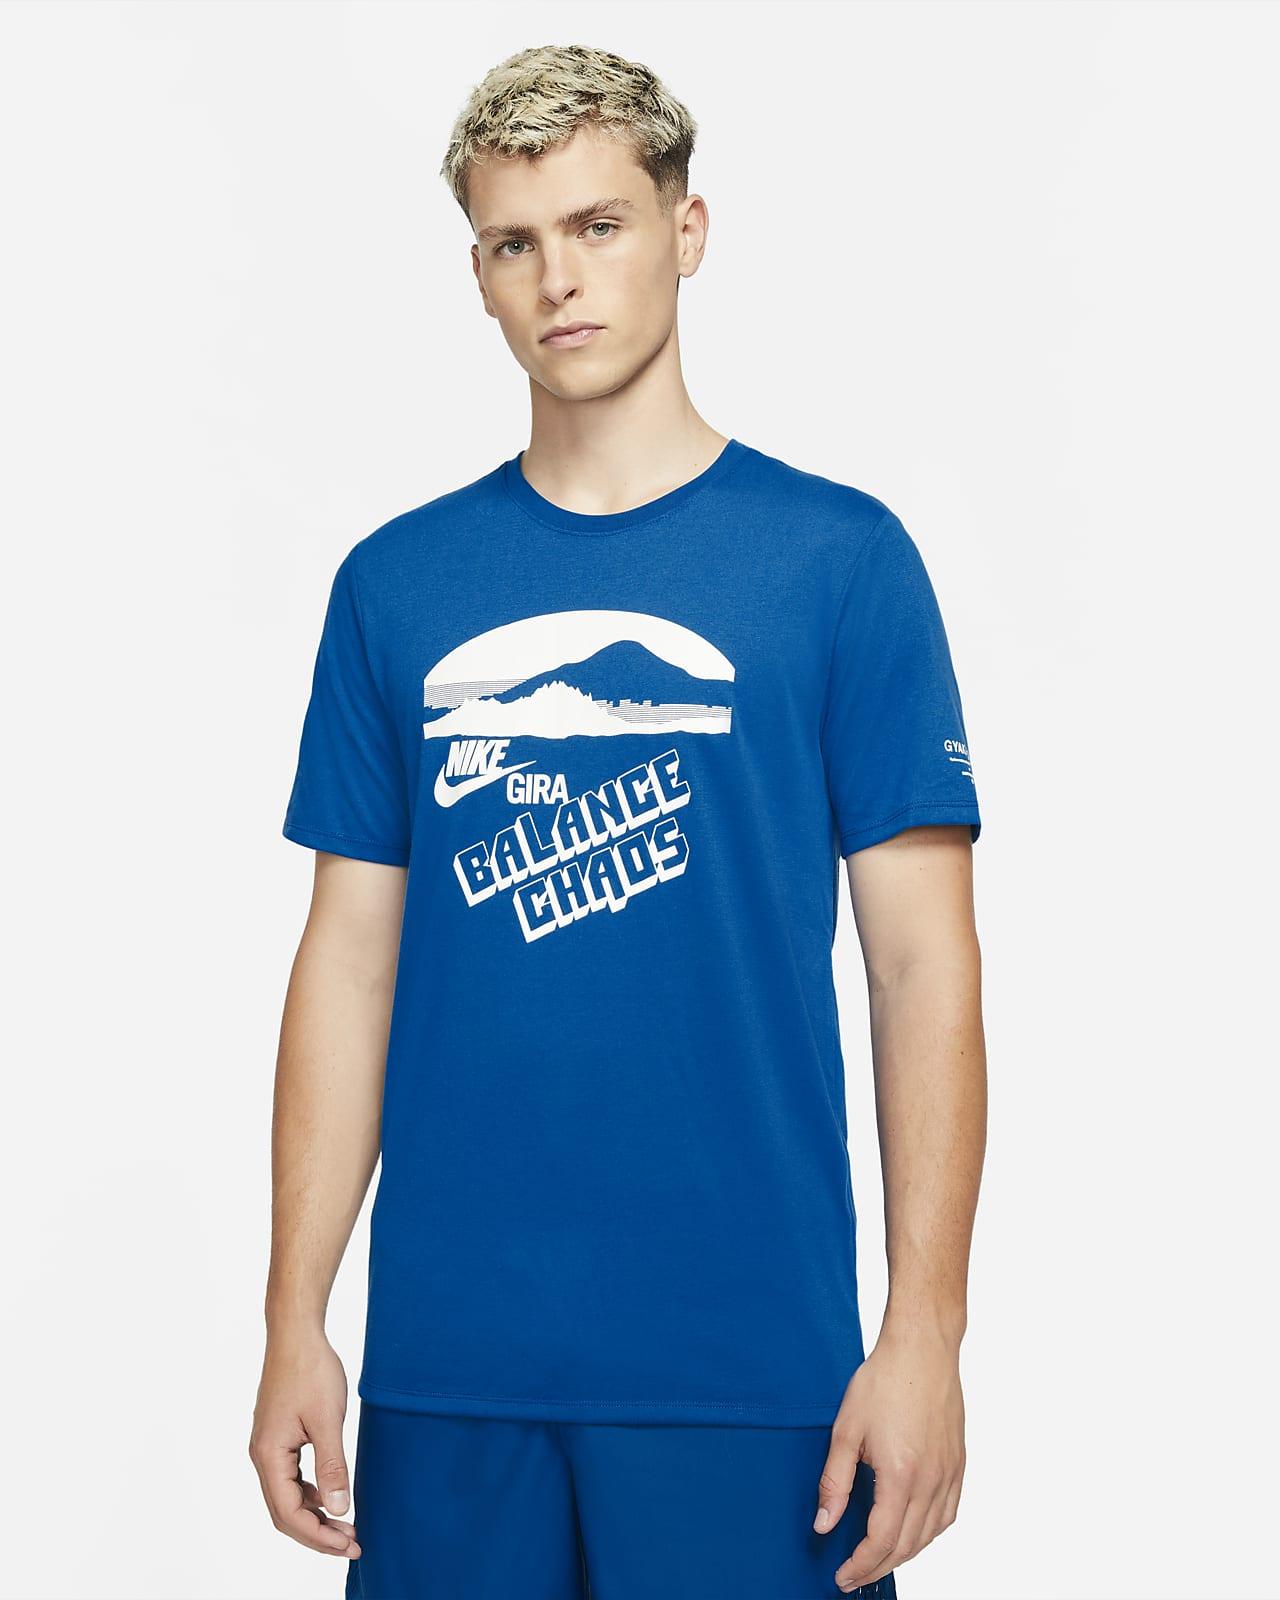 เสื้อยืดผู้ชาย Nike x Gyakusou